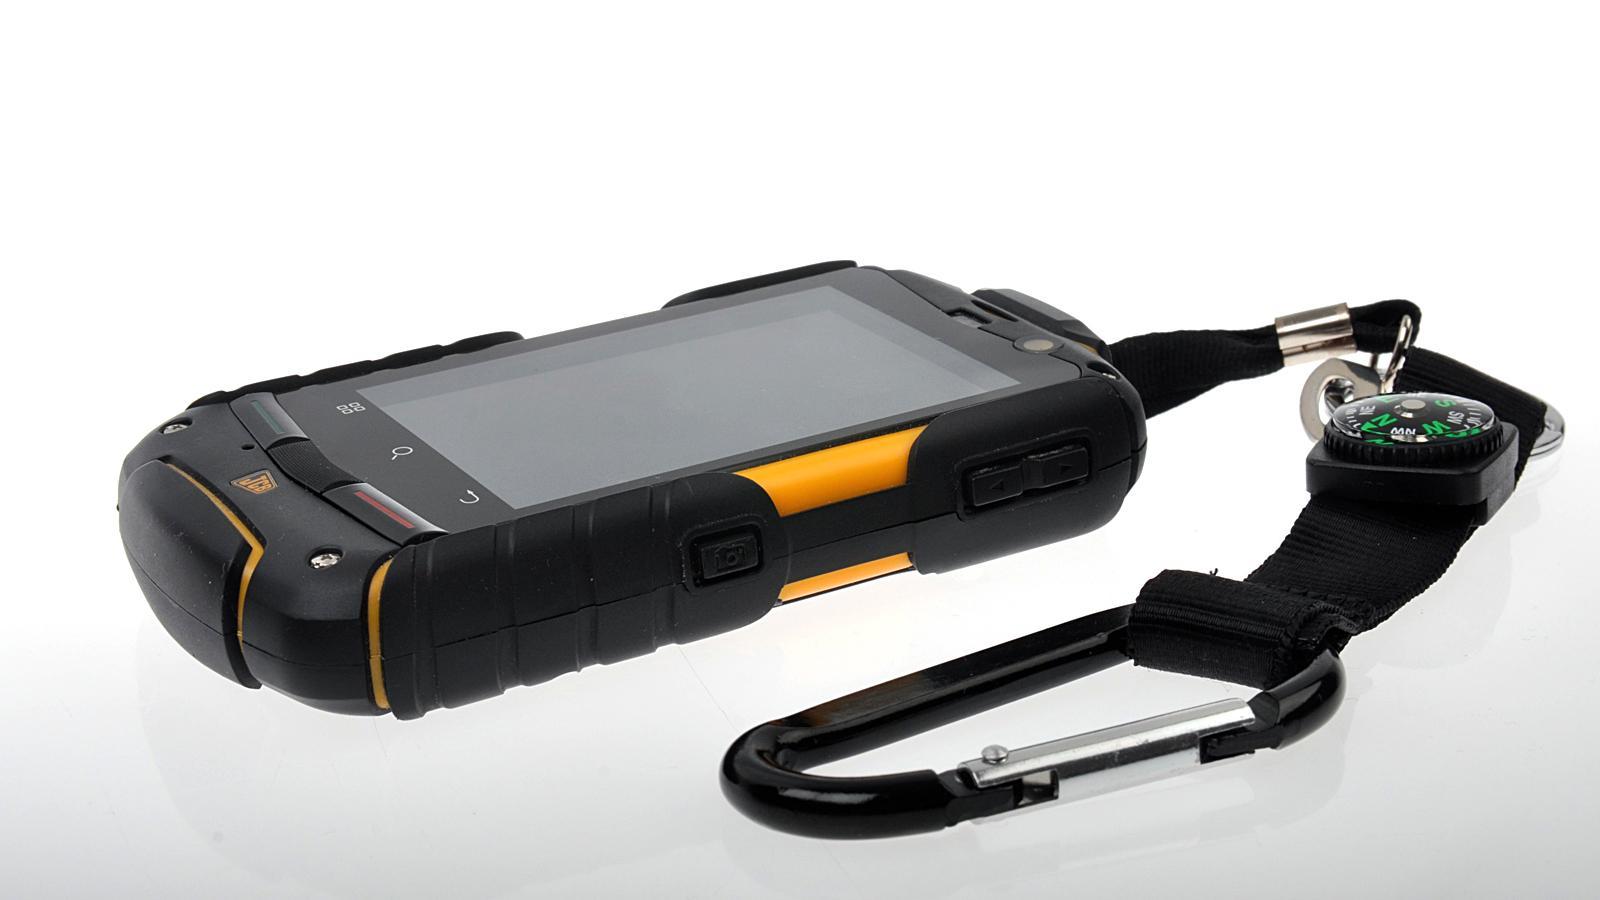 Telefonen leveres med en solid karabinkrok som du kan bruke hvis du vil feste mobilen i beltet.Foto: Kurt Lekanger, Amobil.no